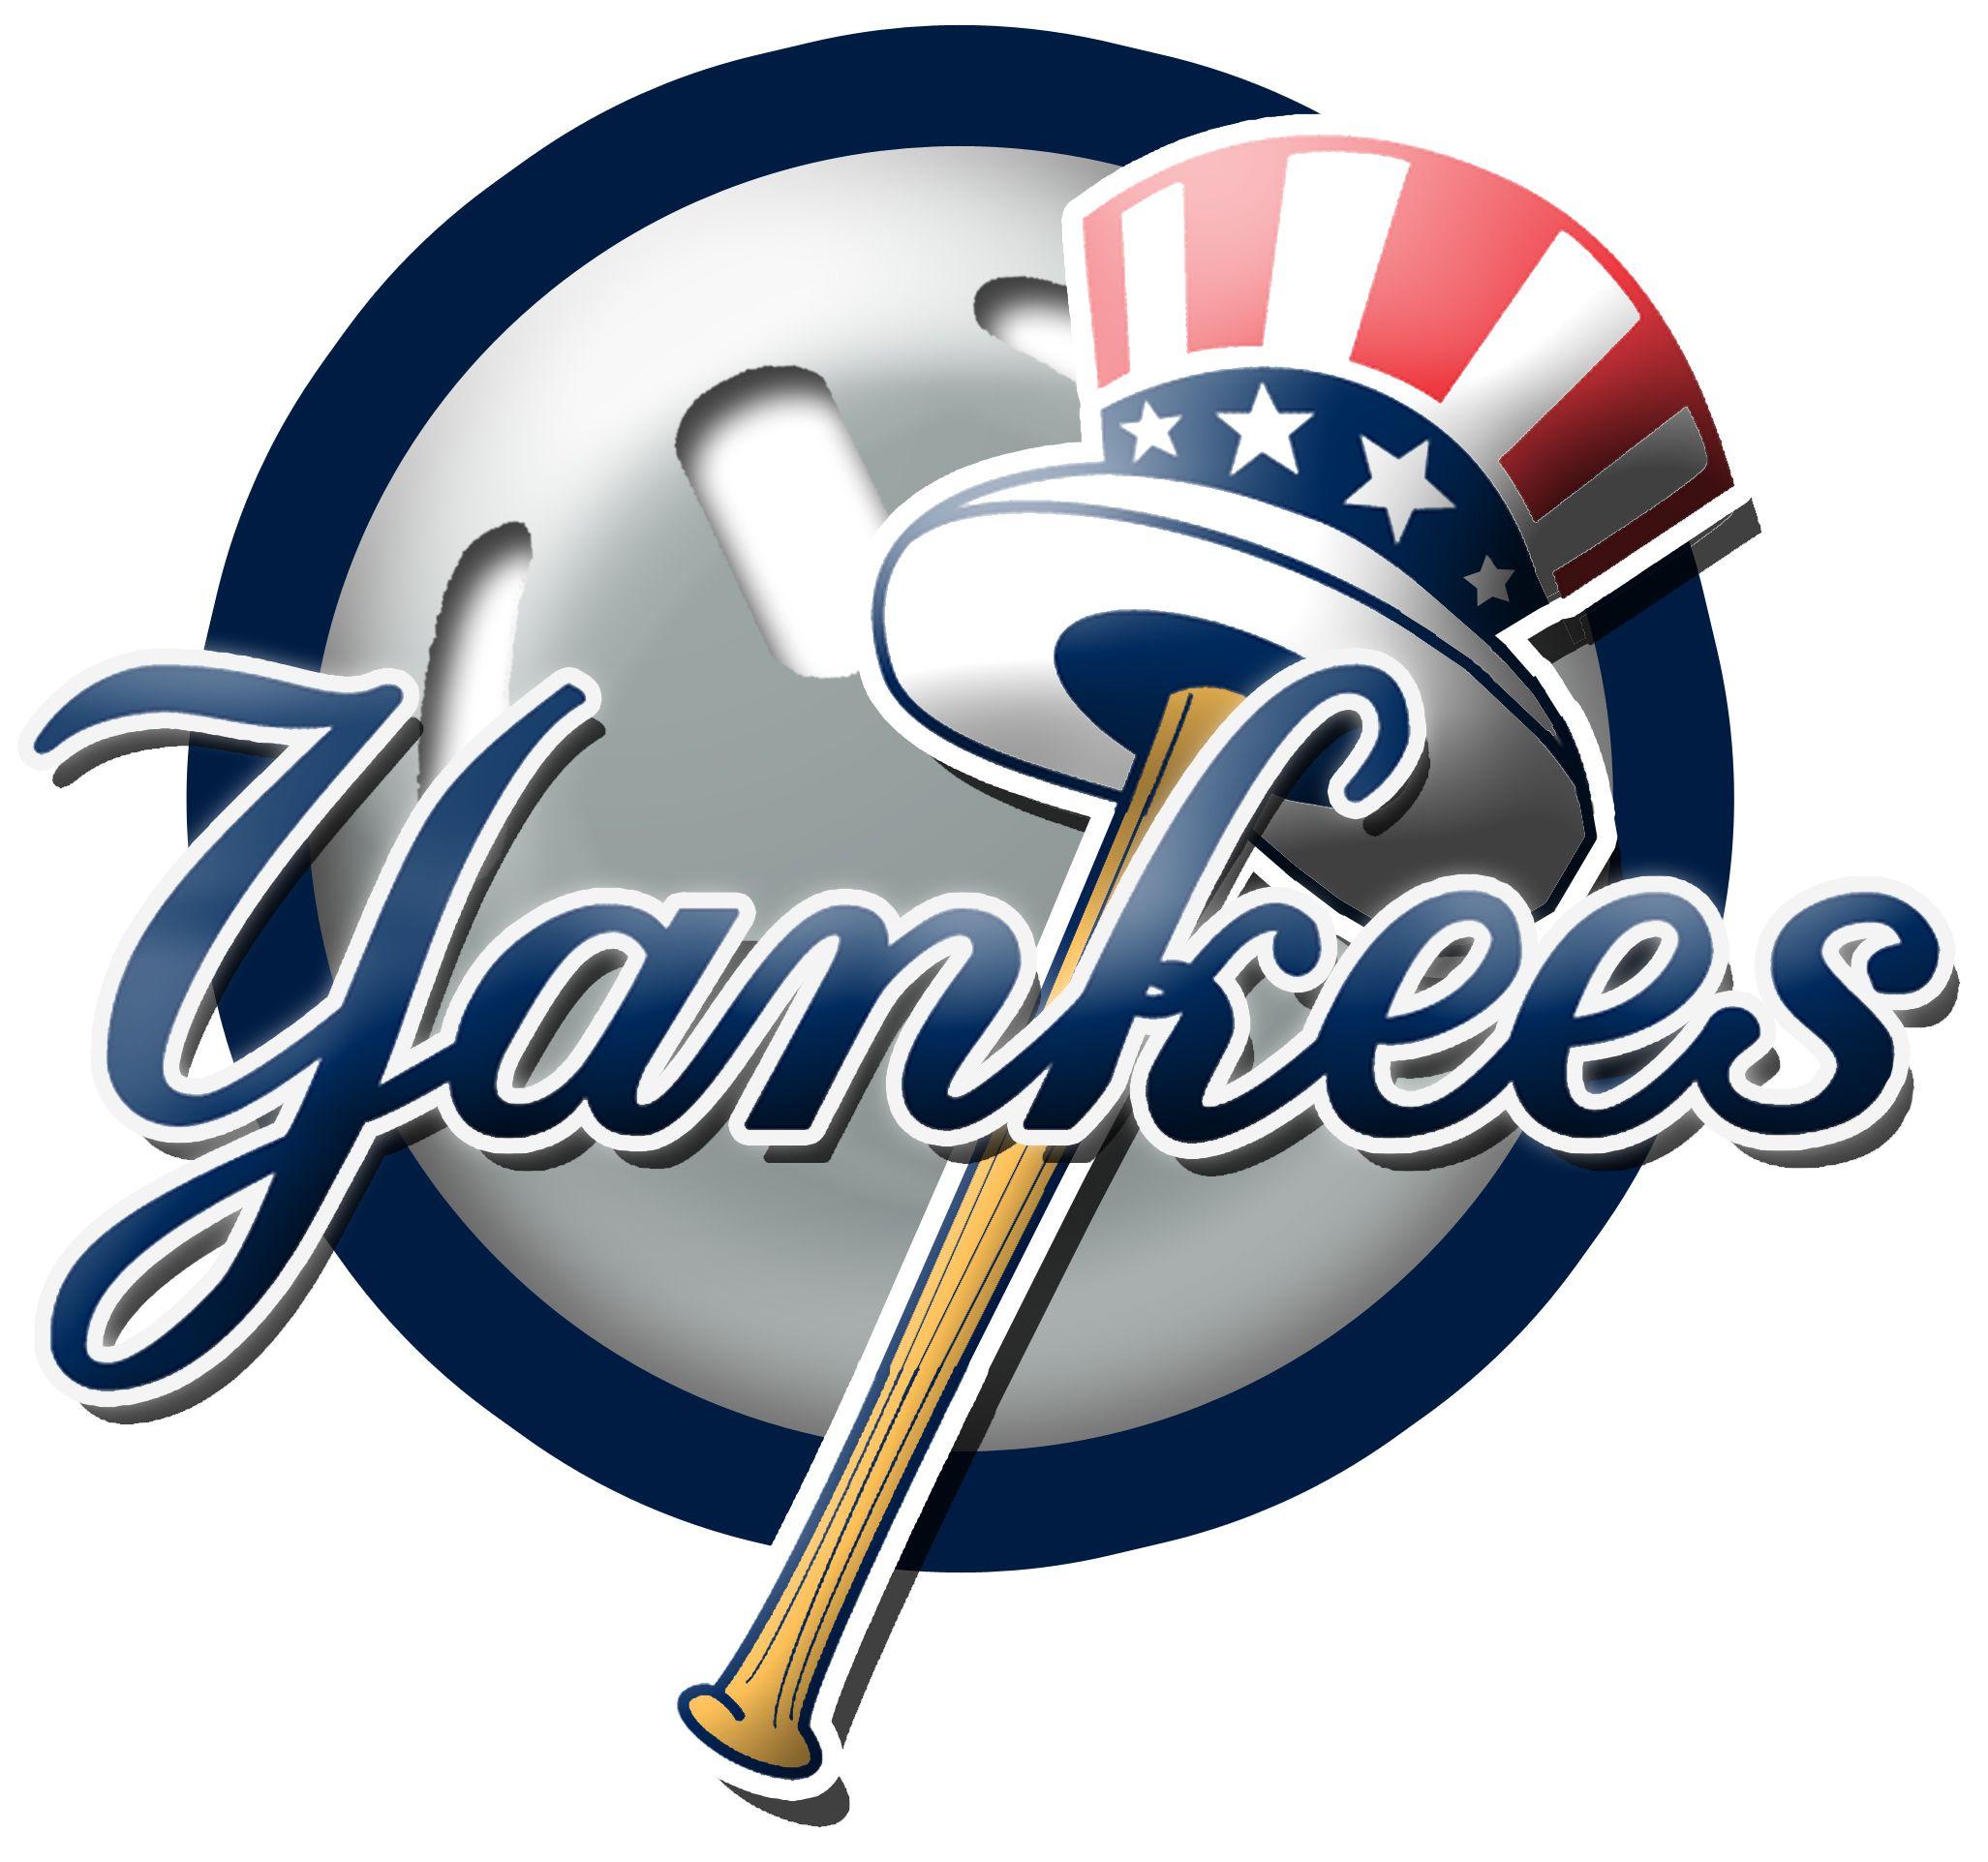 Ny Yankees logo.